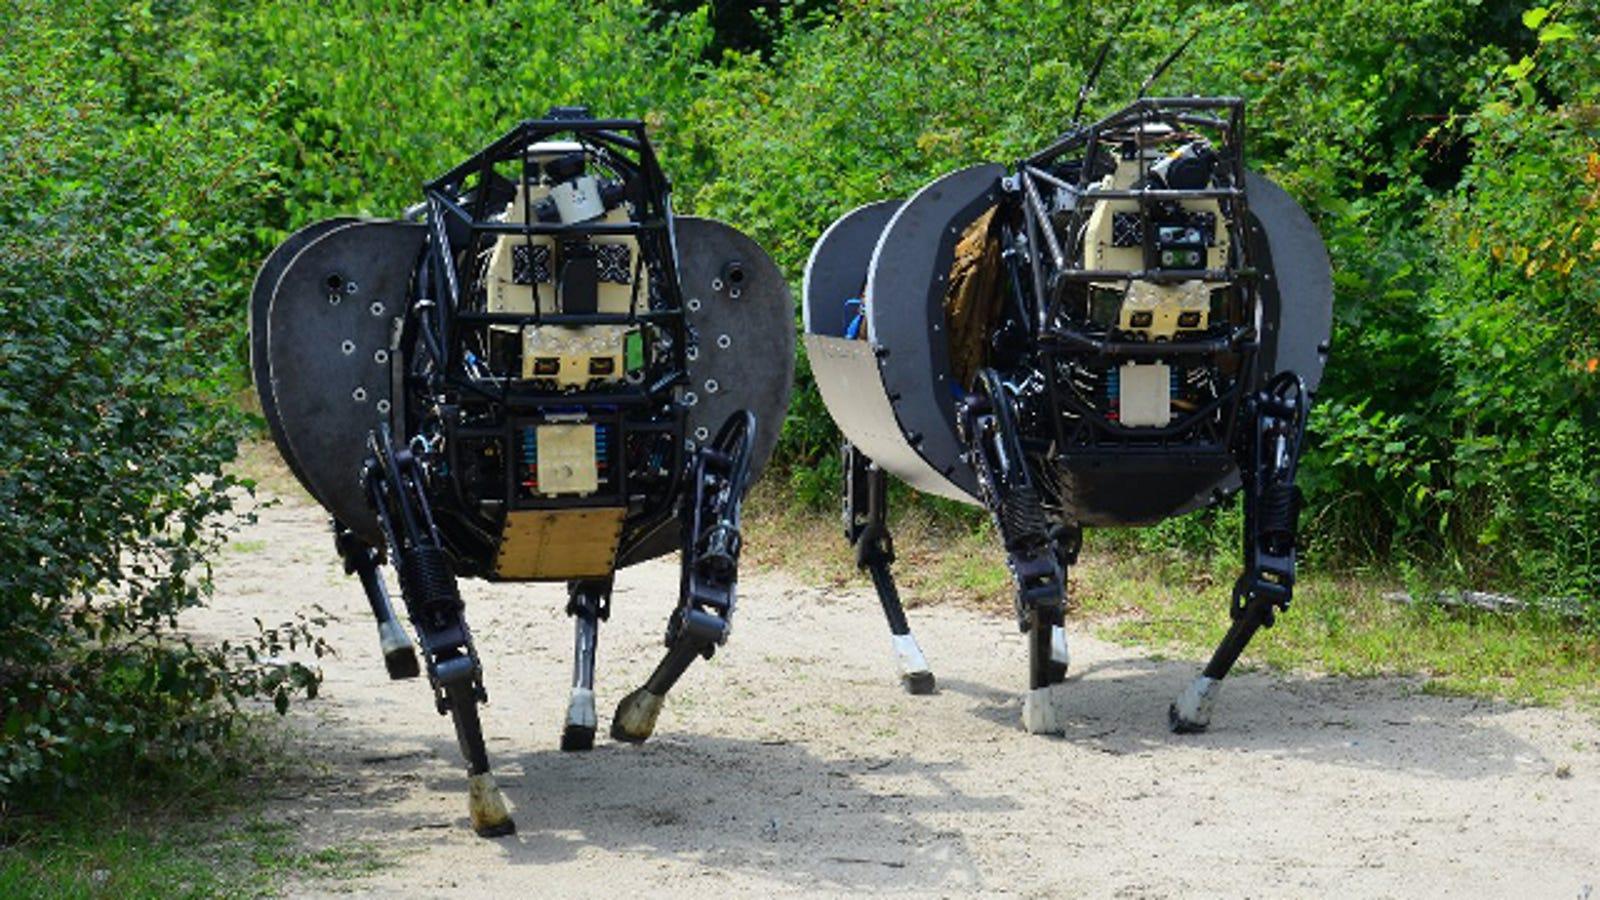 Este inquietante robot pronto será antibalas y silencioso